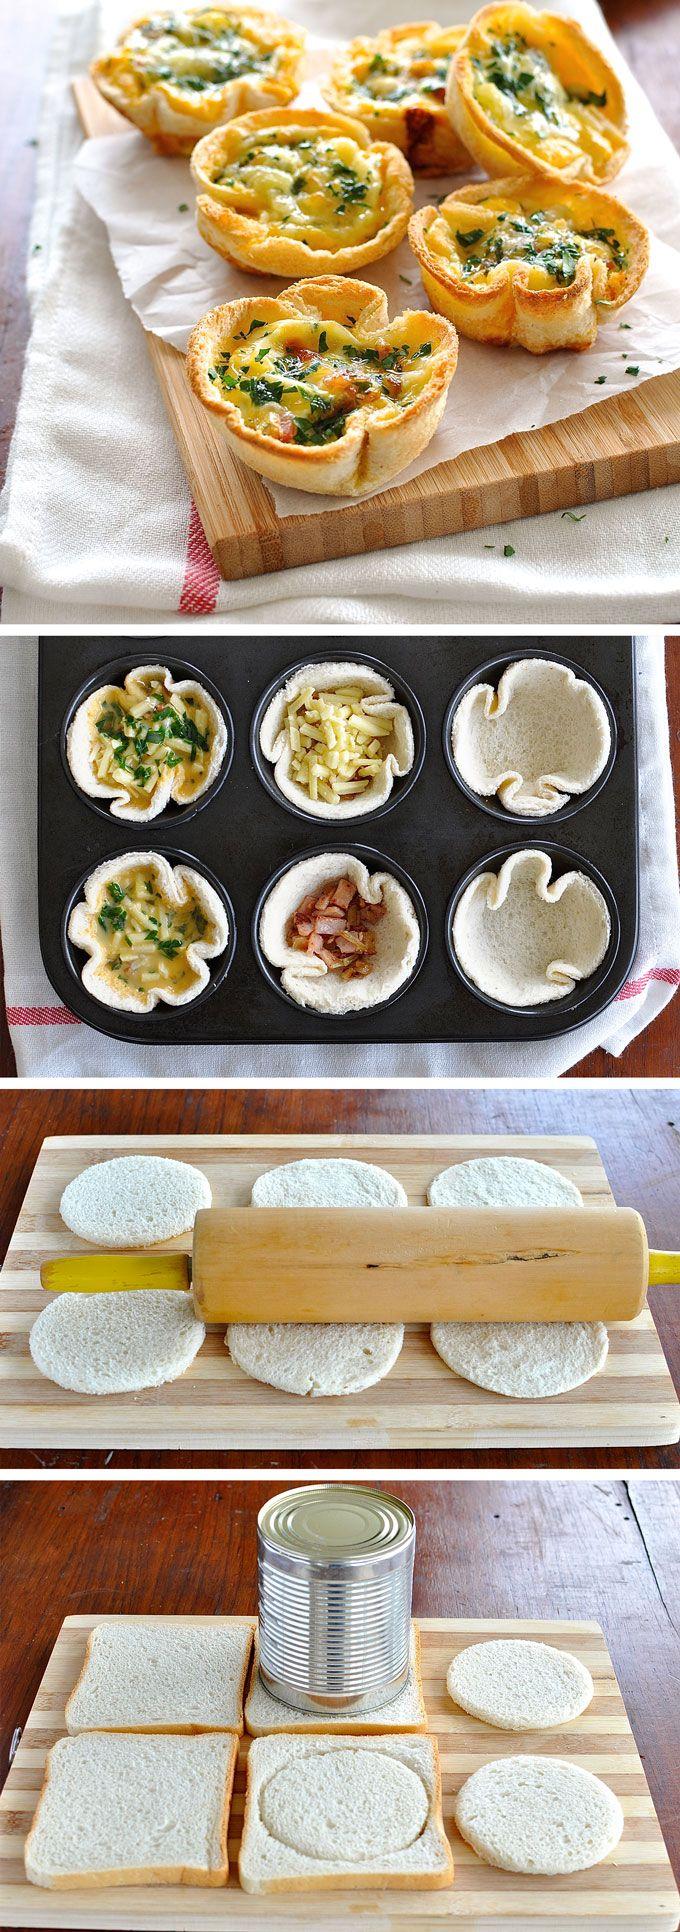 Quiche Toast Cups Recette Recettes De Cuisine Cuisine Et Boissons Et Recette Facile